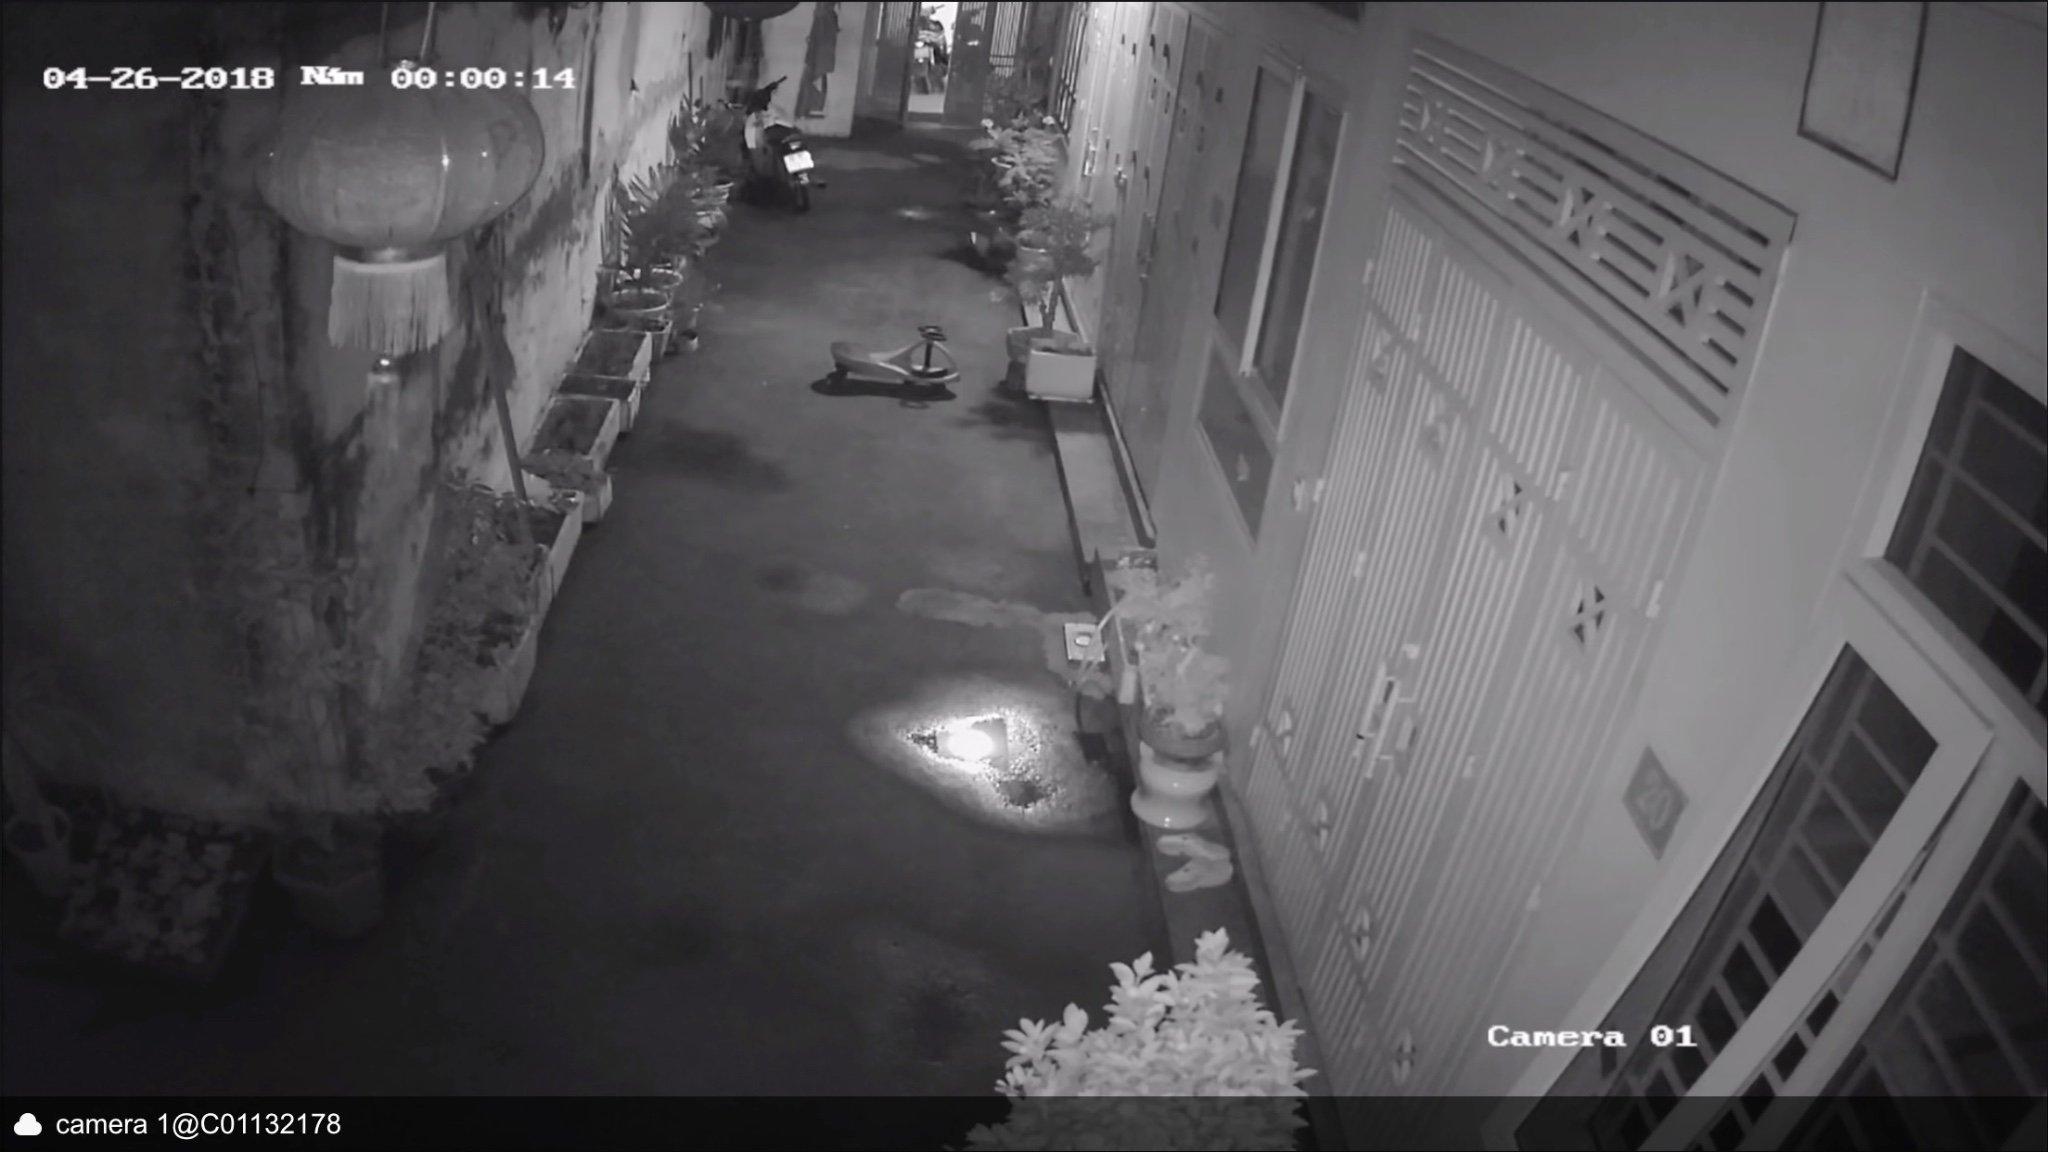 Hình ảnh ban đêm hồng ngoại camera Hikvison